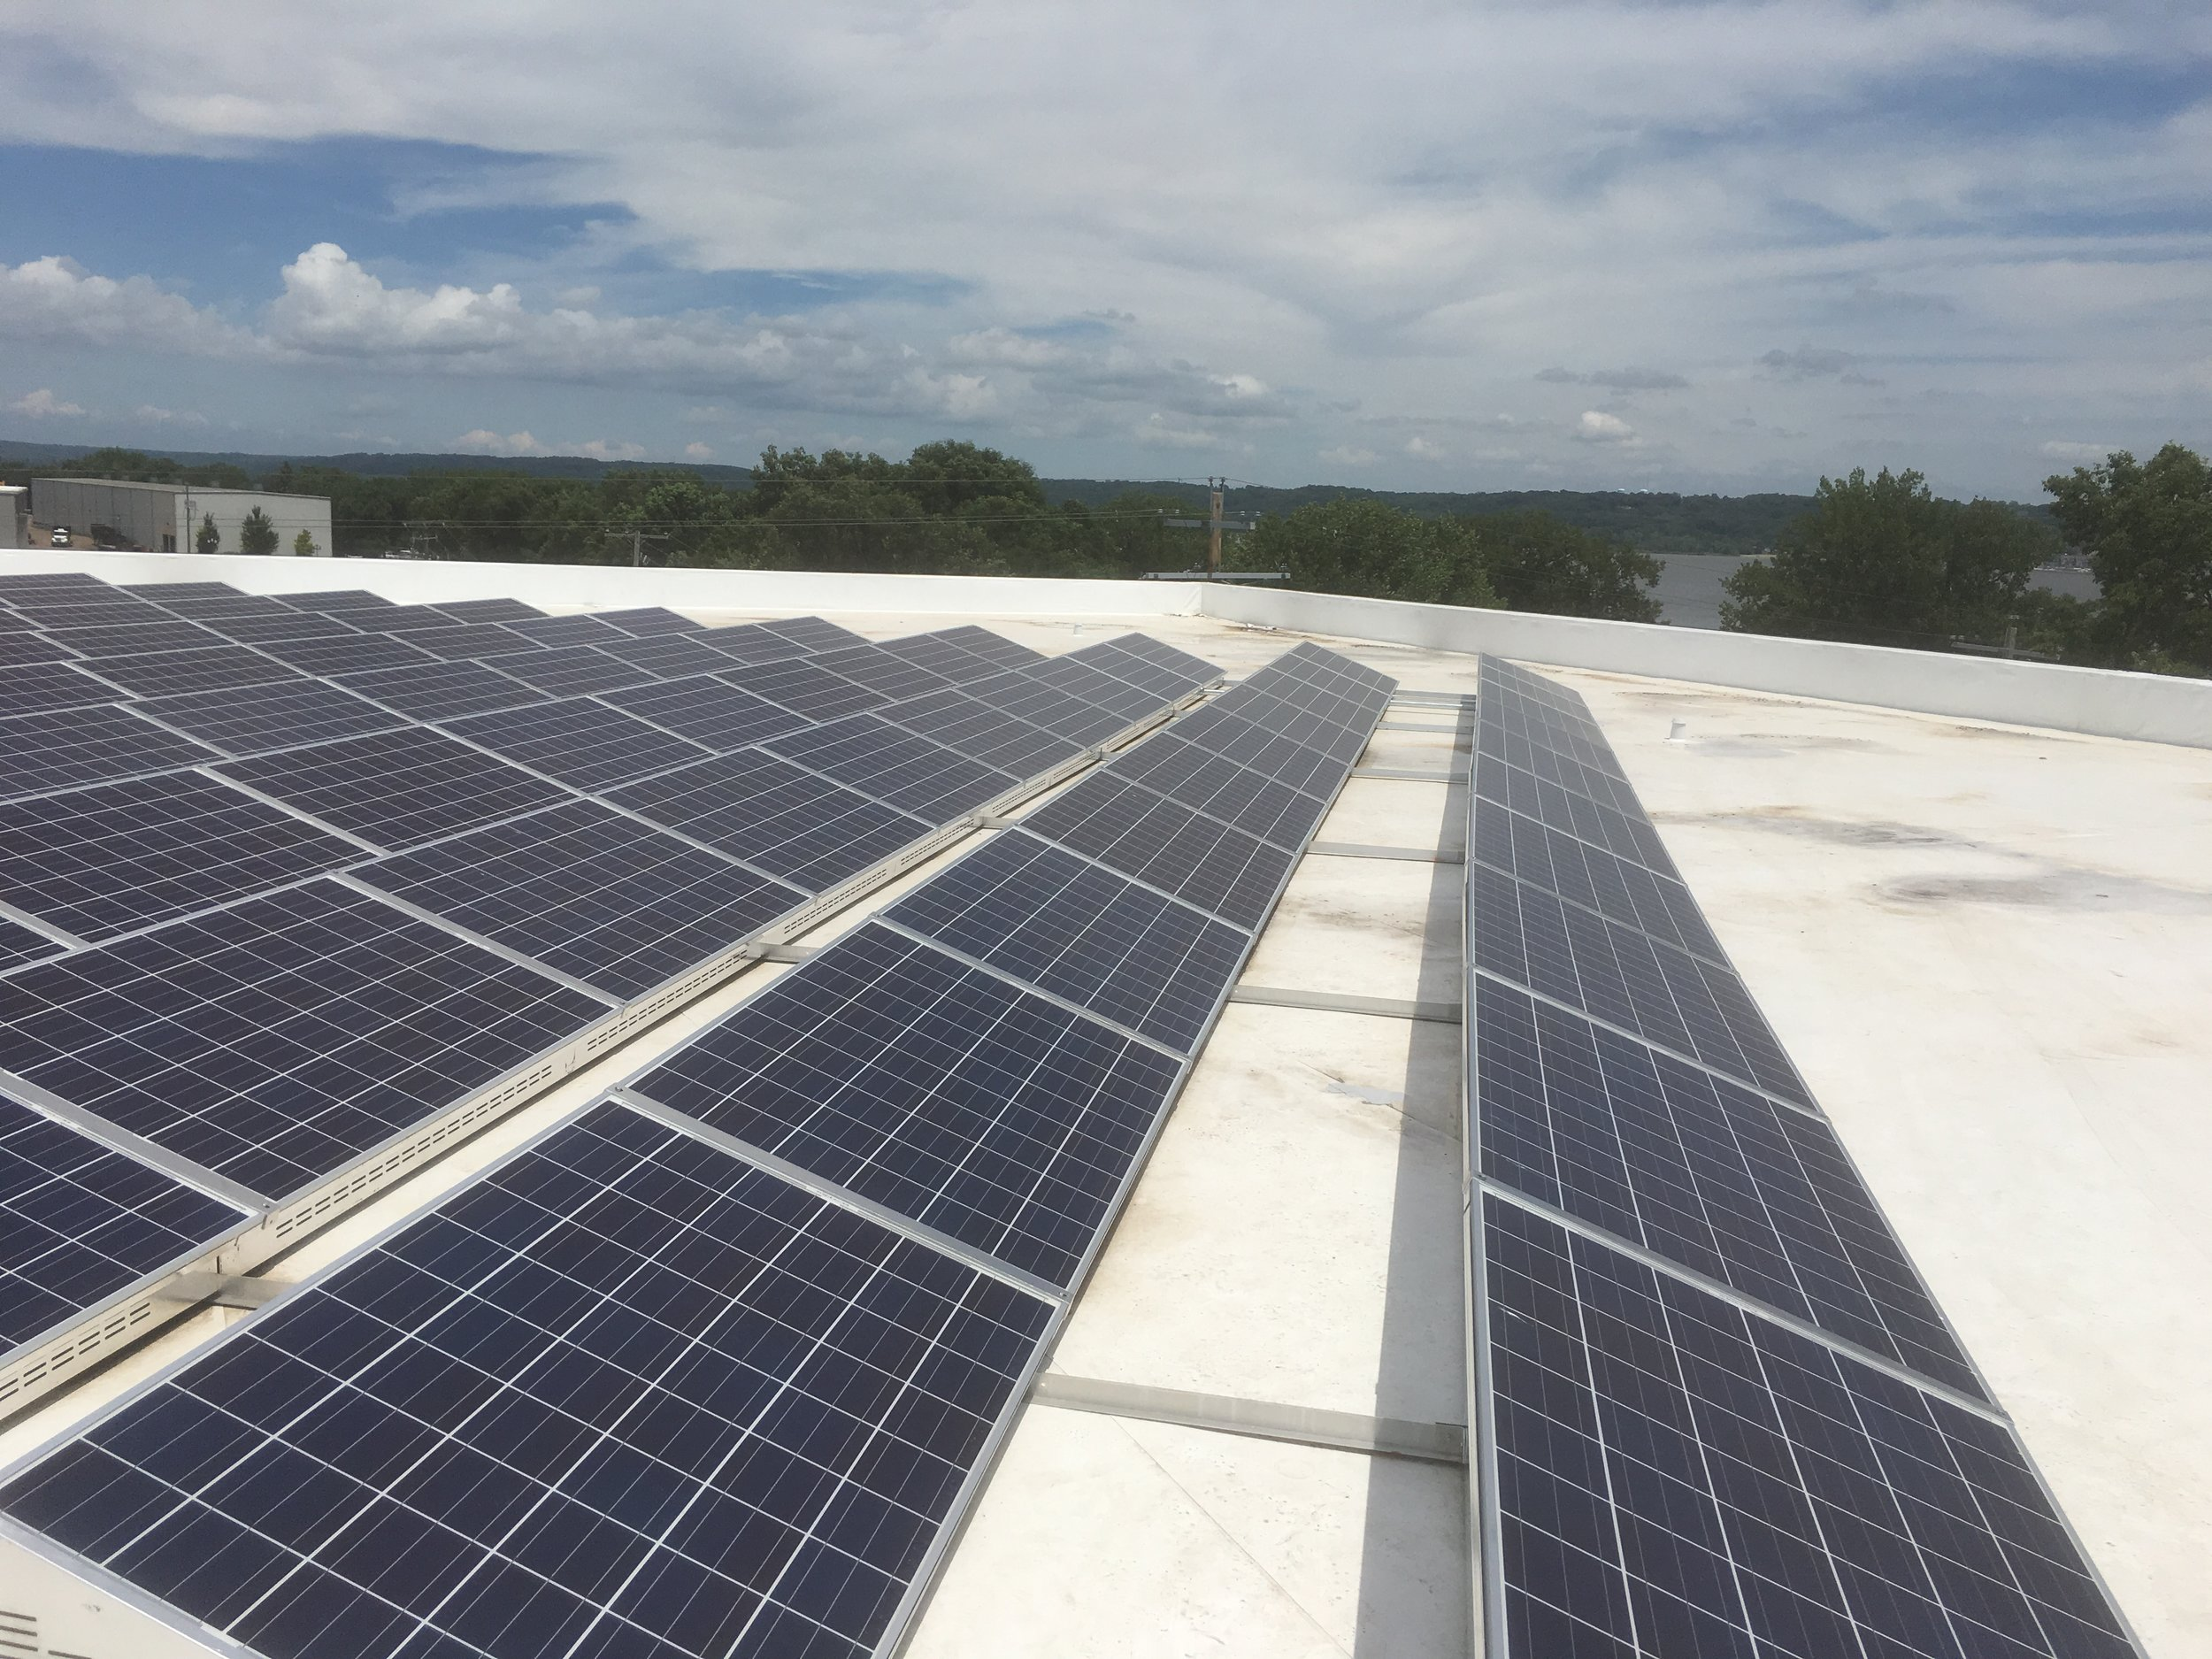 Peoria, Illinois Ballasted Rooftop Solar Installation